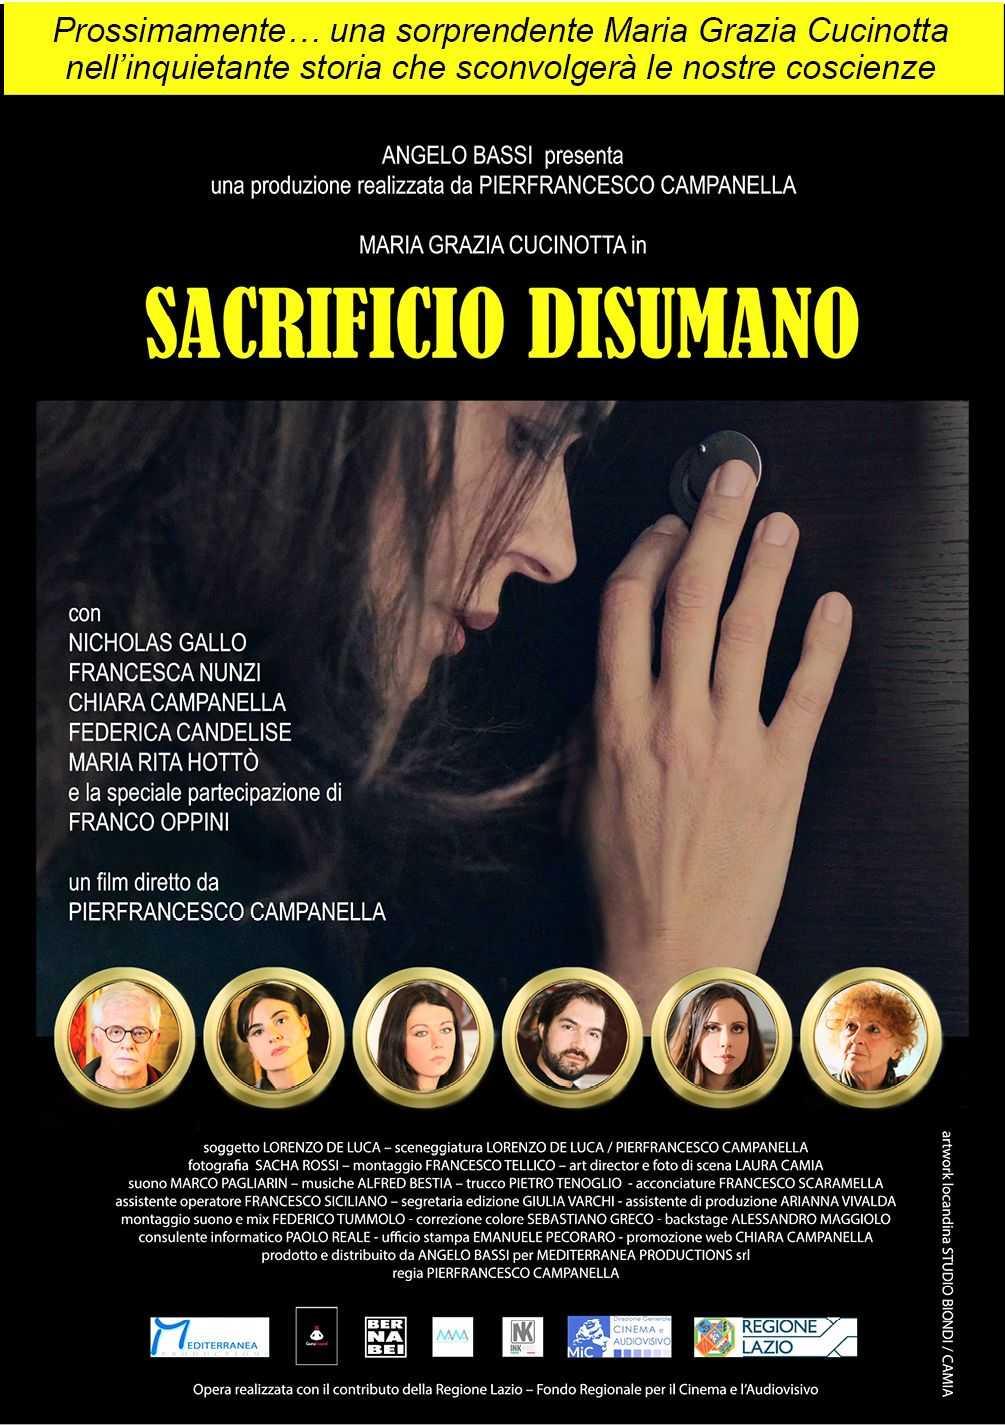 Sacrificio Disumano: lo sconcertante corto diretto da Campanella